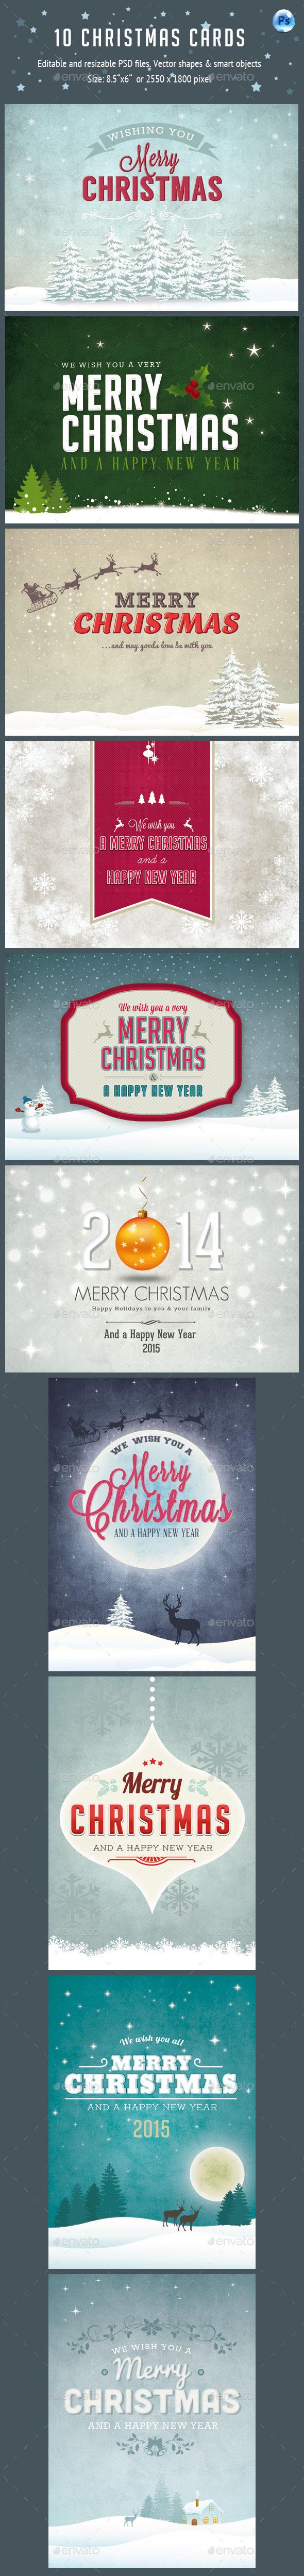 10 Christmas Cards PSD Vol.2